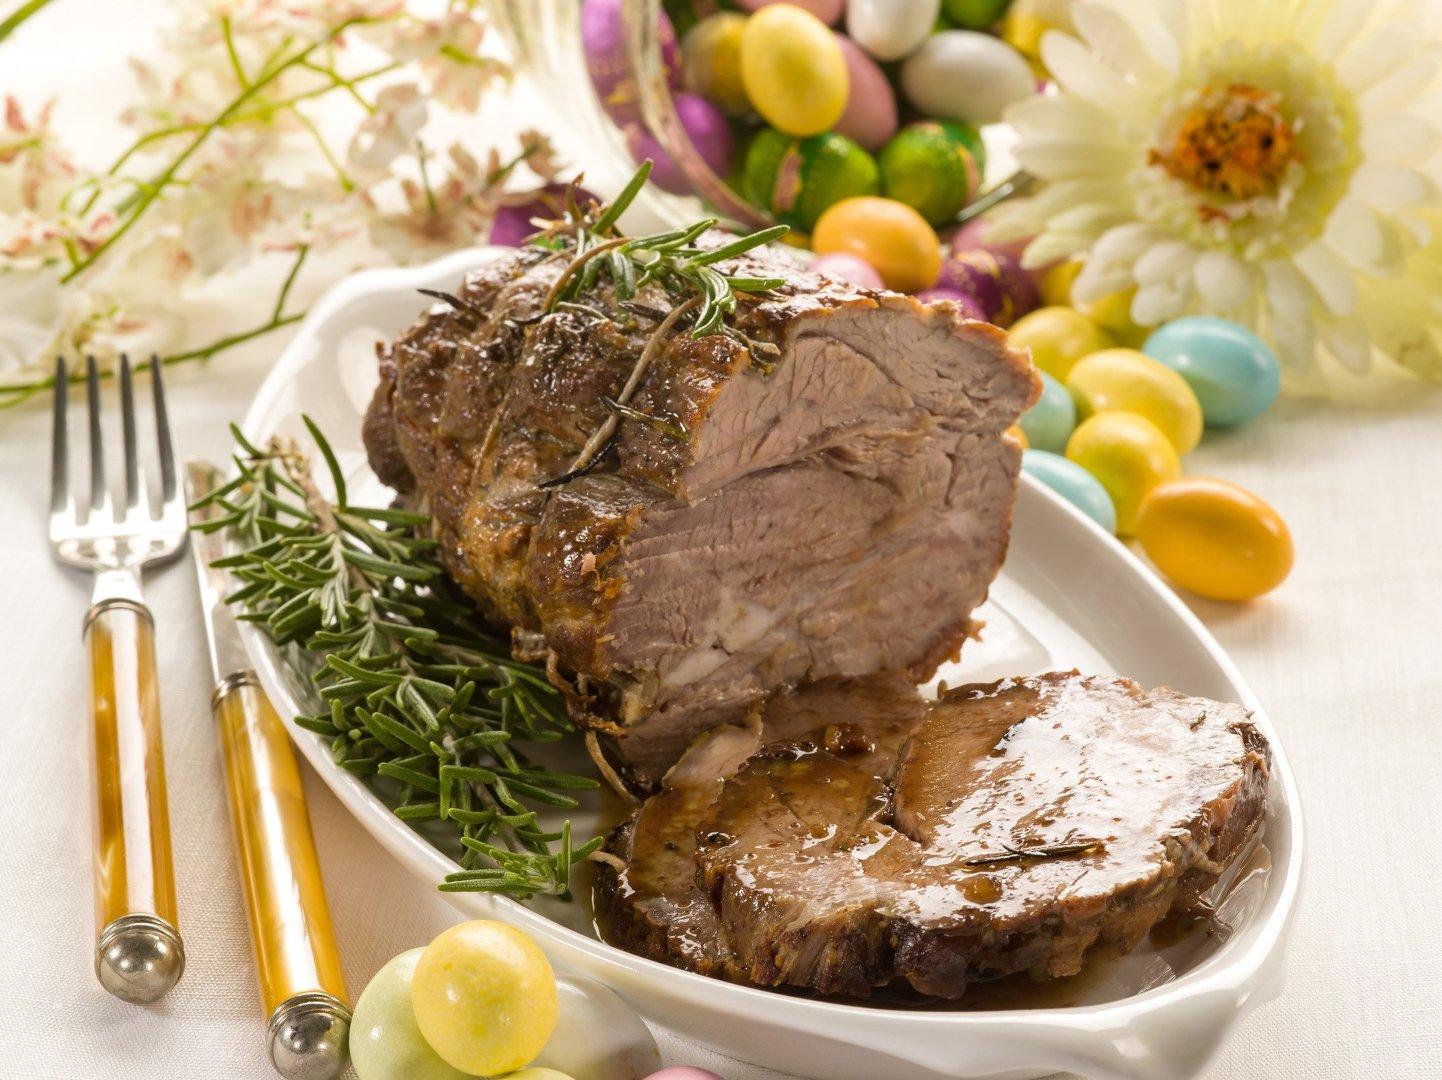 Wielkanoc 2019 Pomysly Na Wielkanocny Obiad Co Podac Na Swiateczny